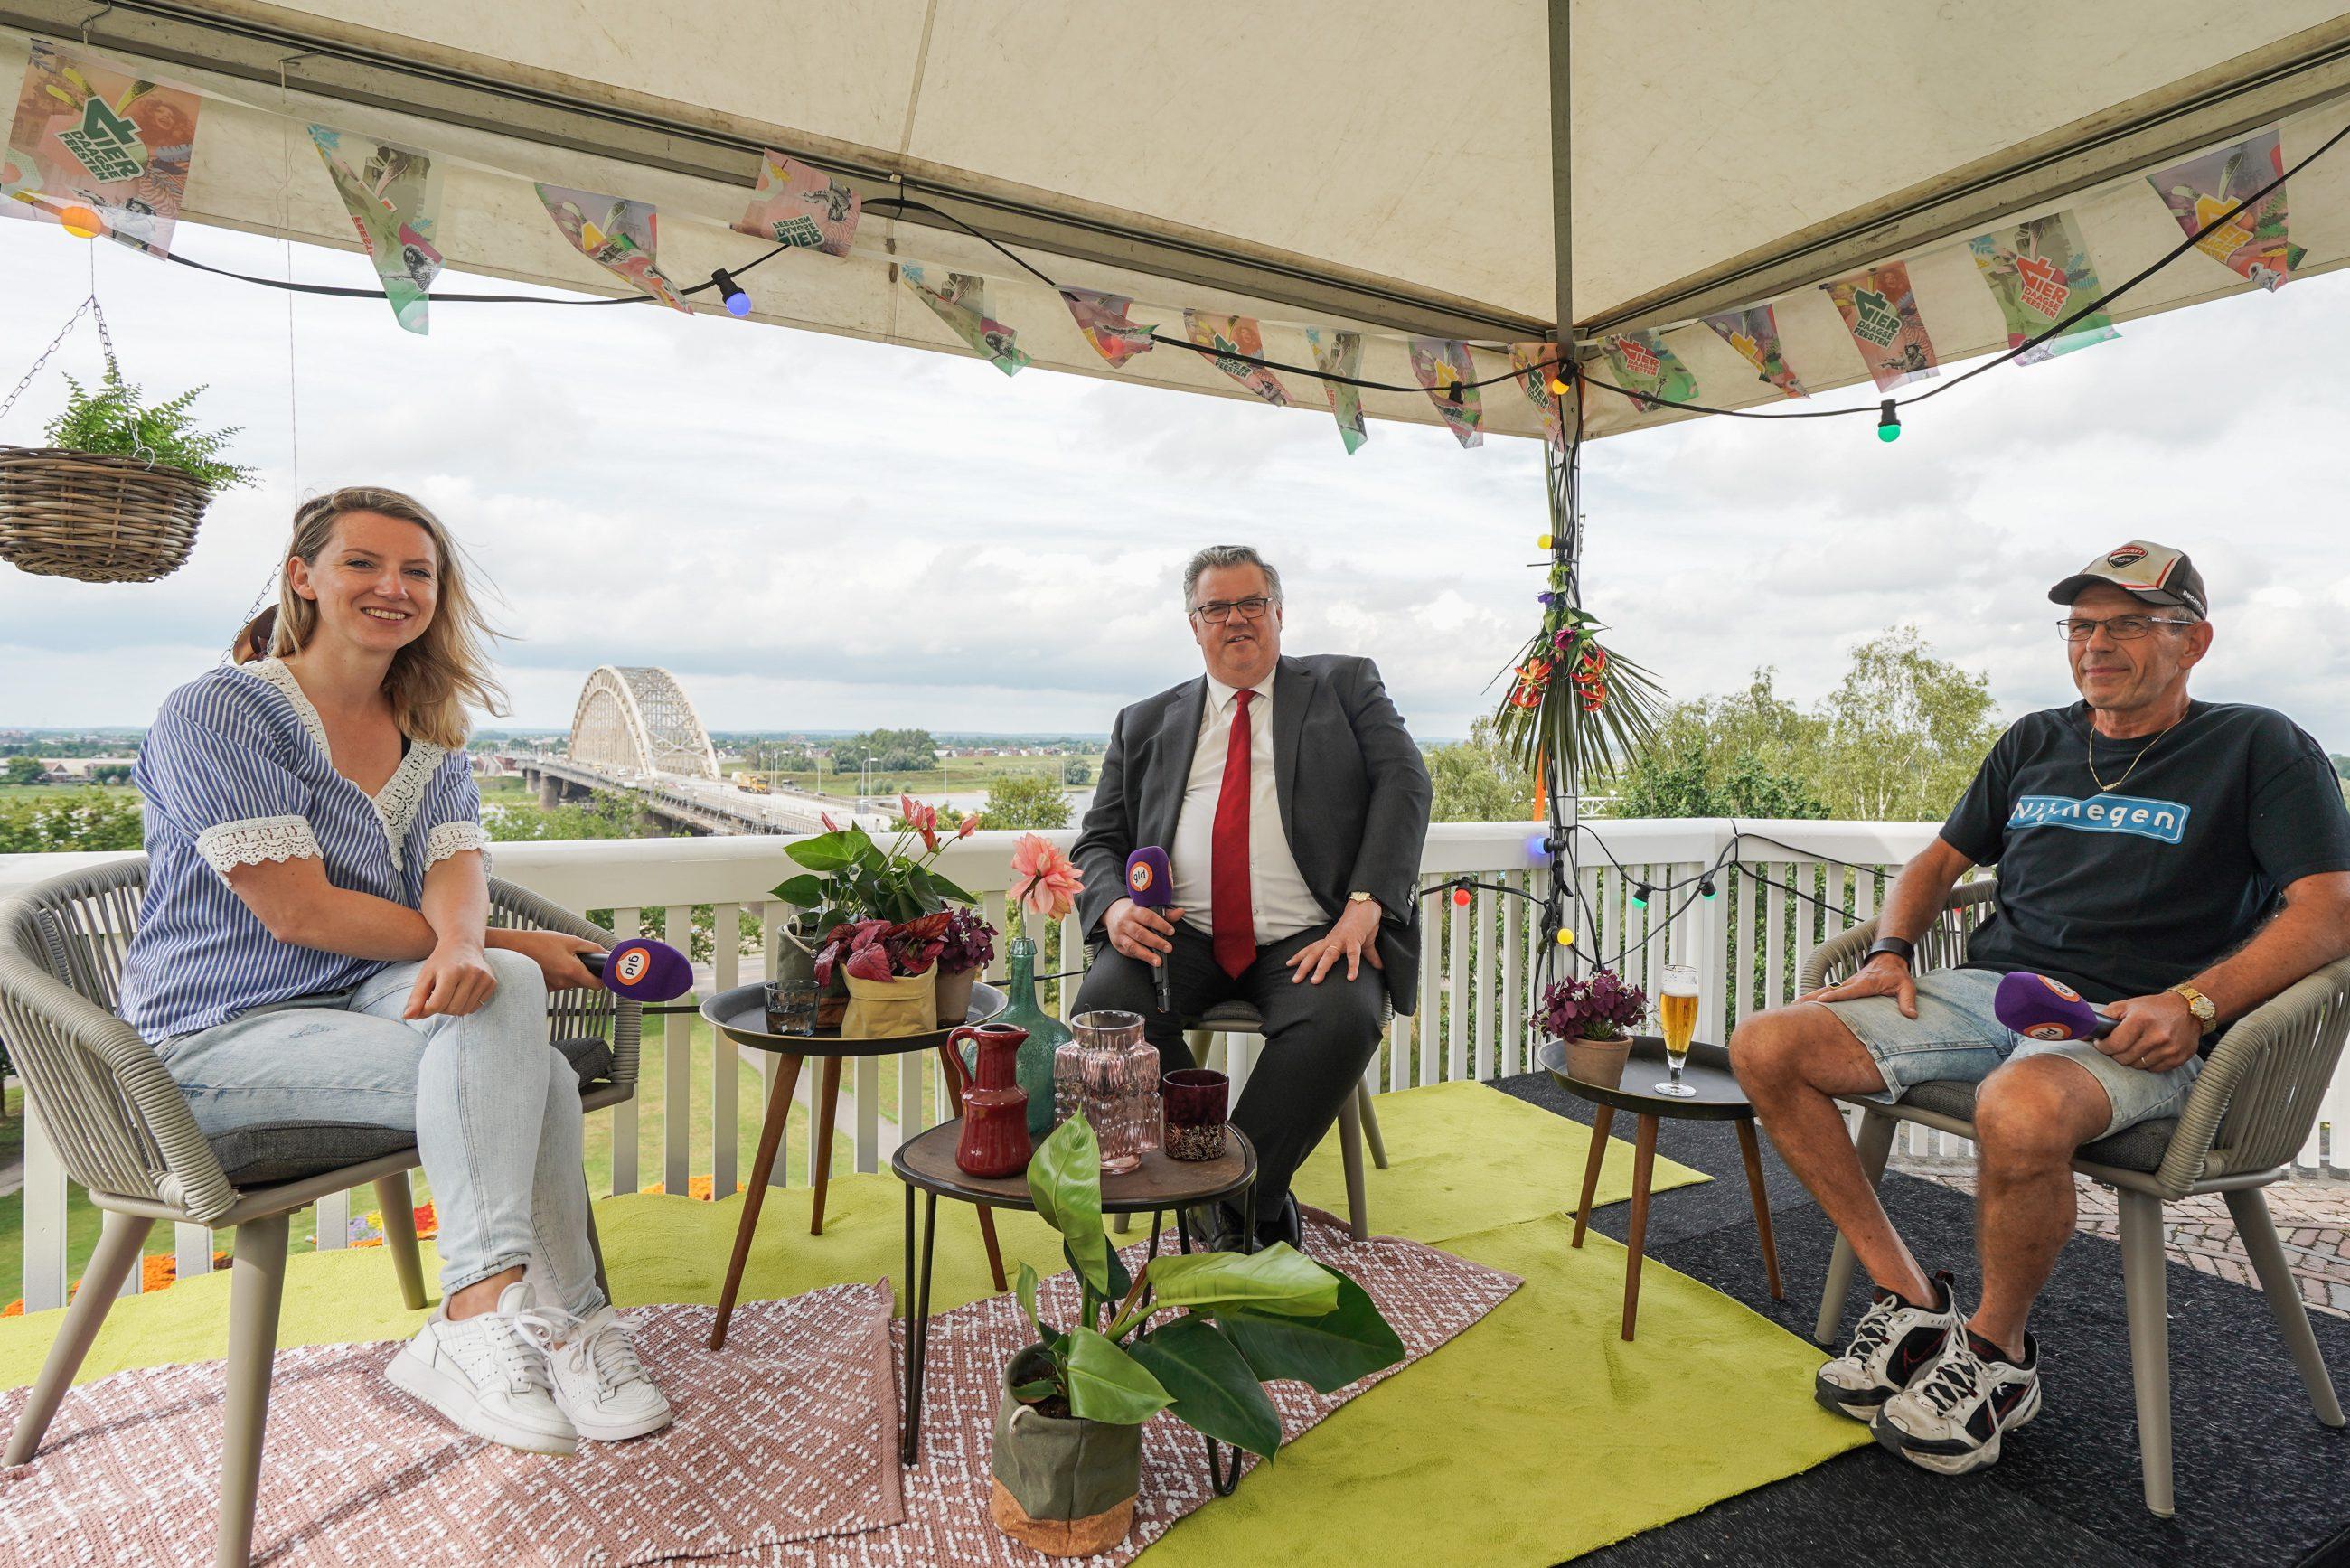 Vier de Vierdaagsefeesten met Omroep Gelderland